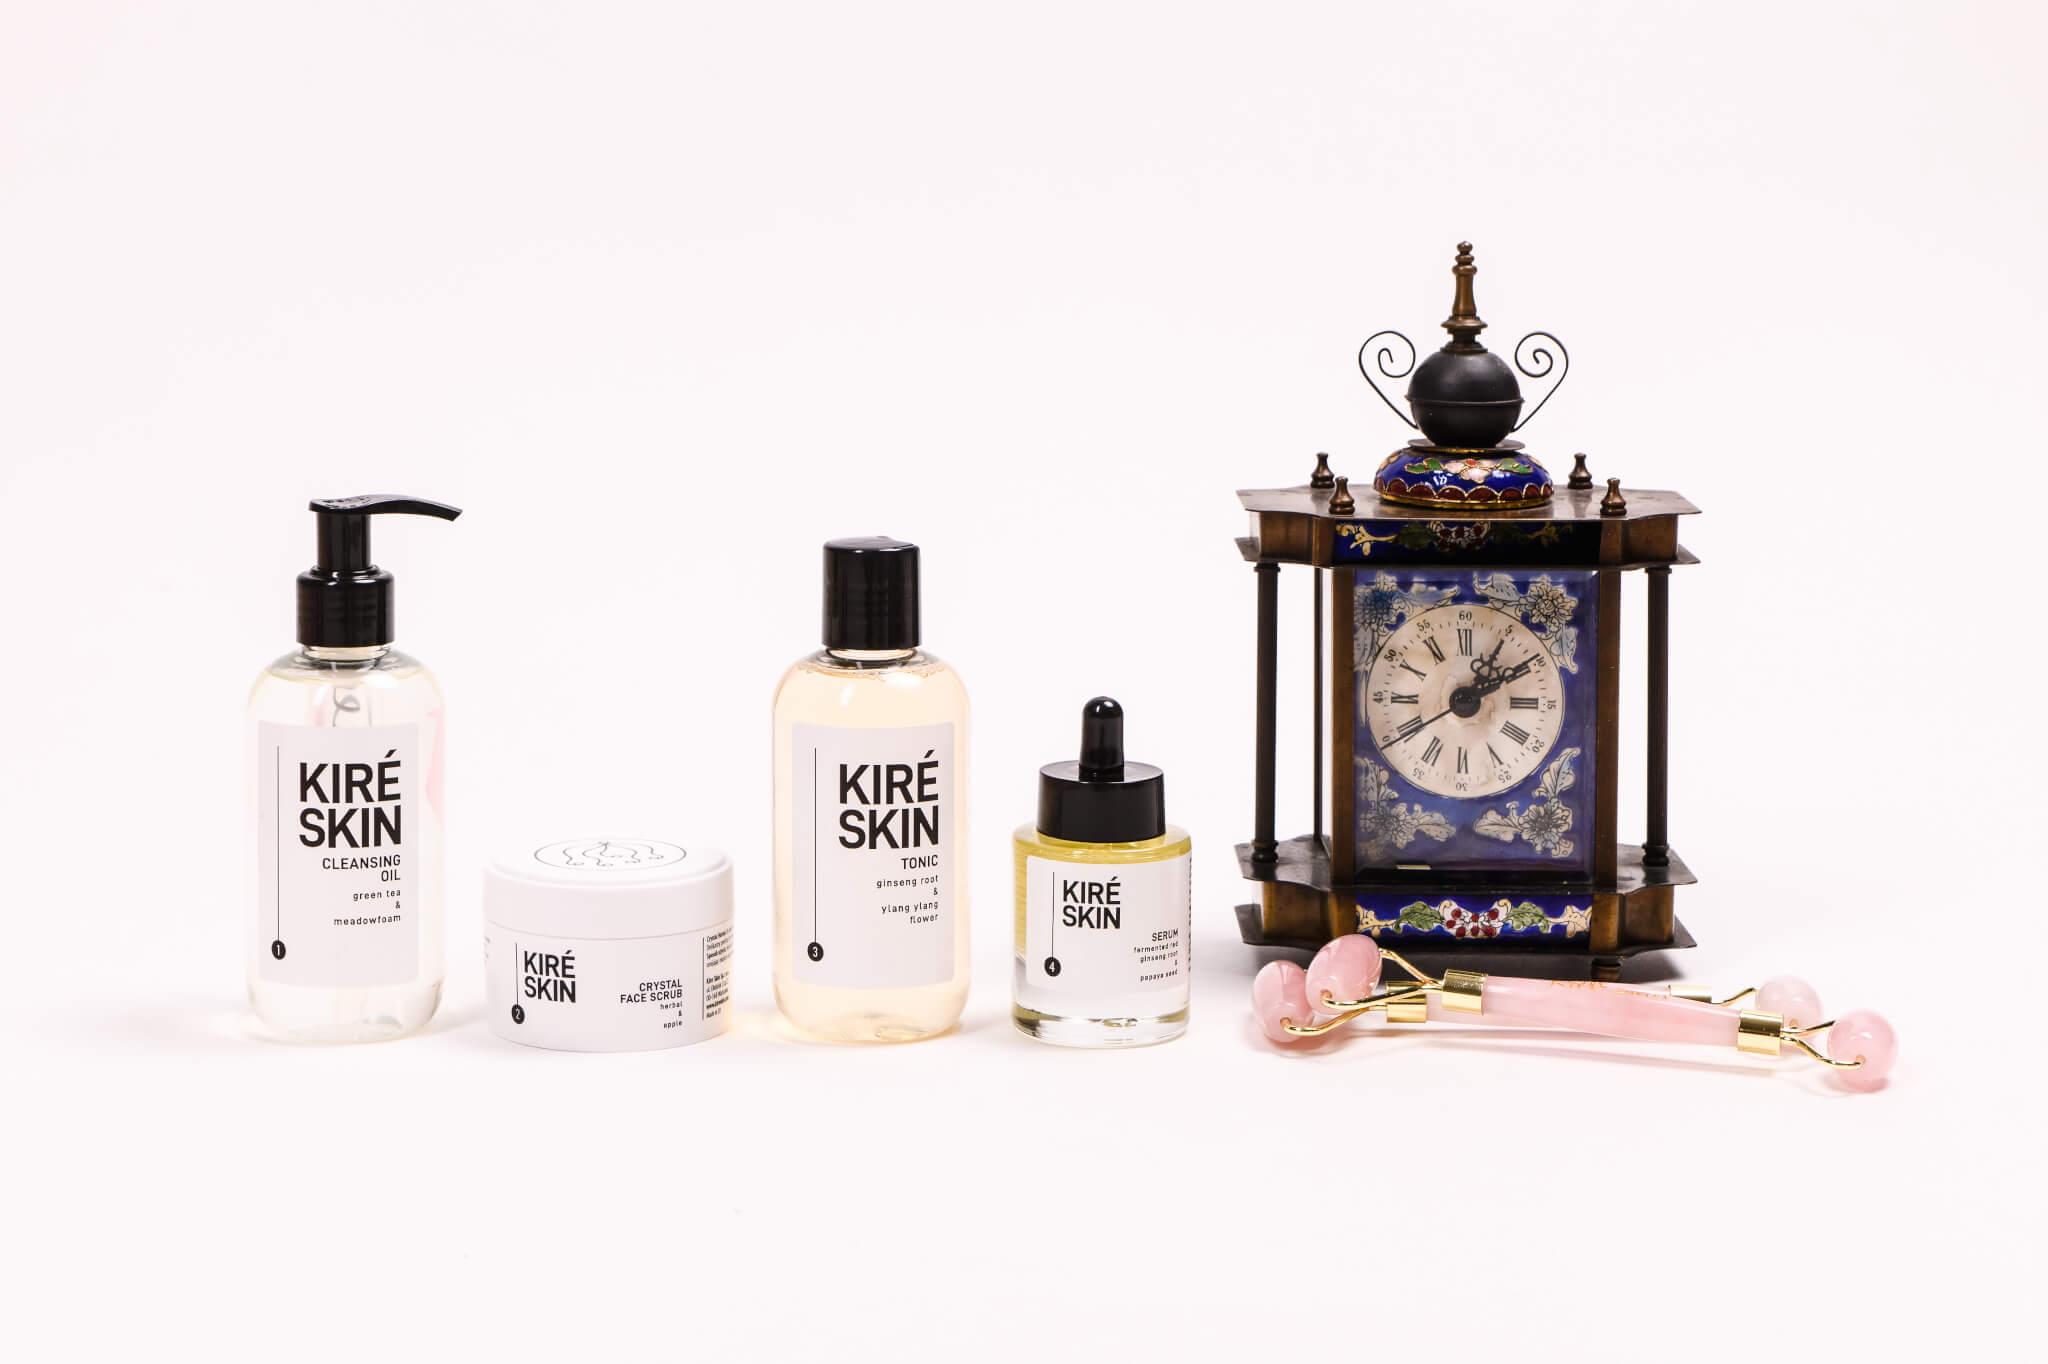 Die Verpackung von Kiré Skin